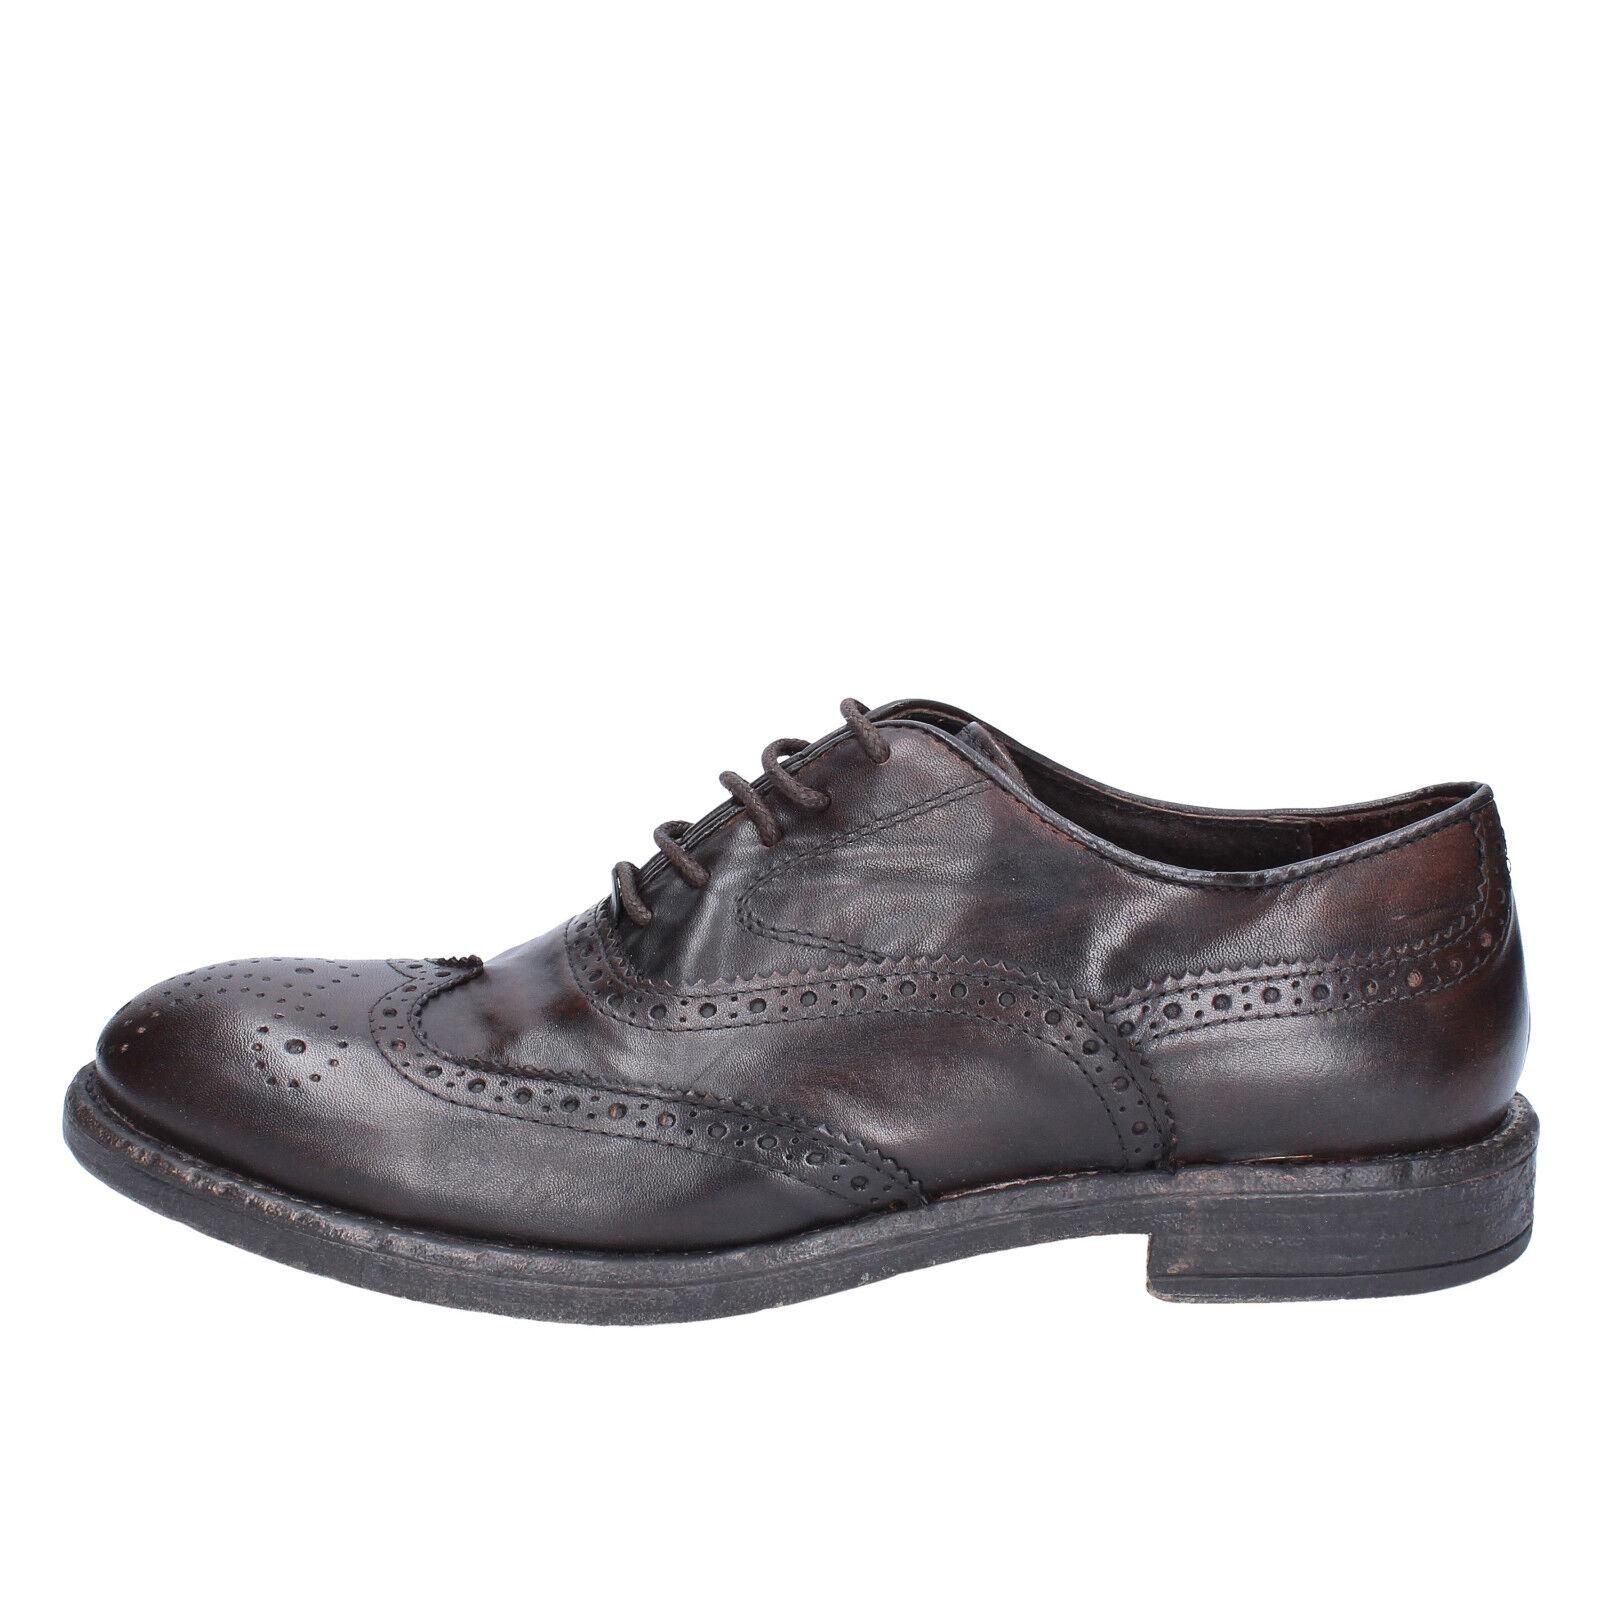 scarpe uomo CESARE MAURIZI 44 BX525-44 EU classiche marrone pelle BX525-44 44 e9fe33